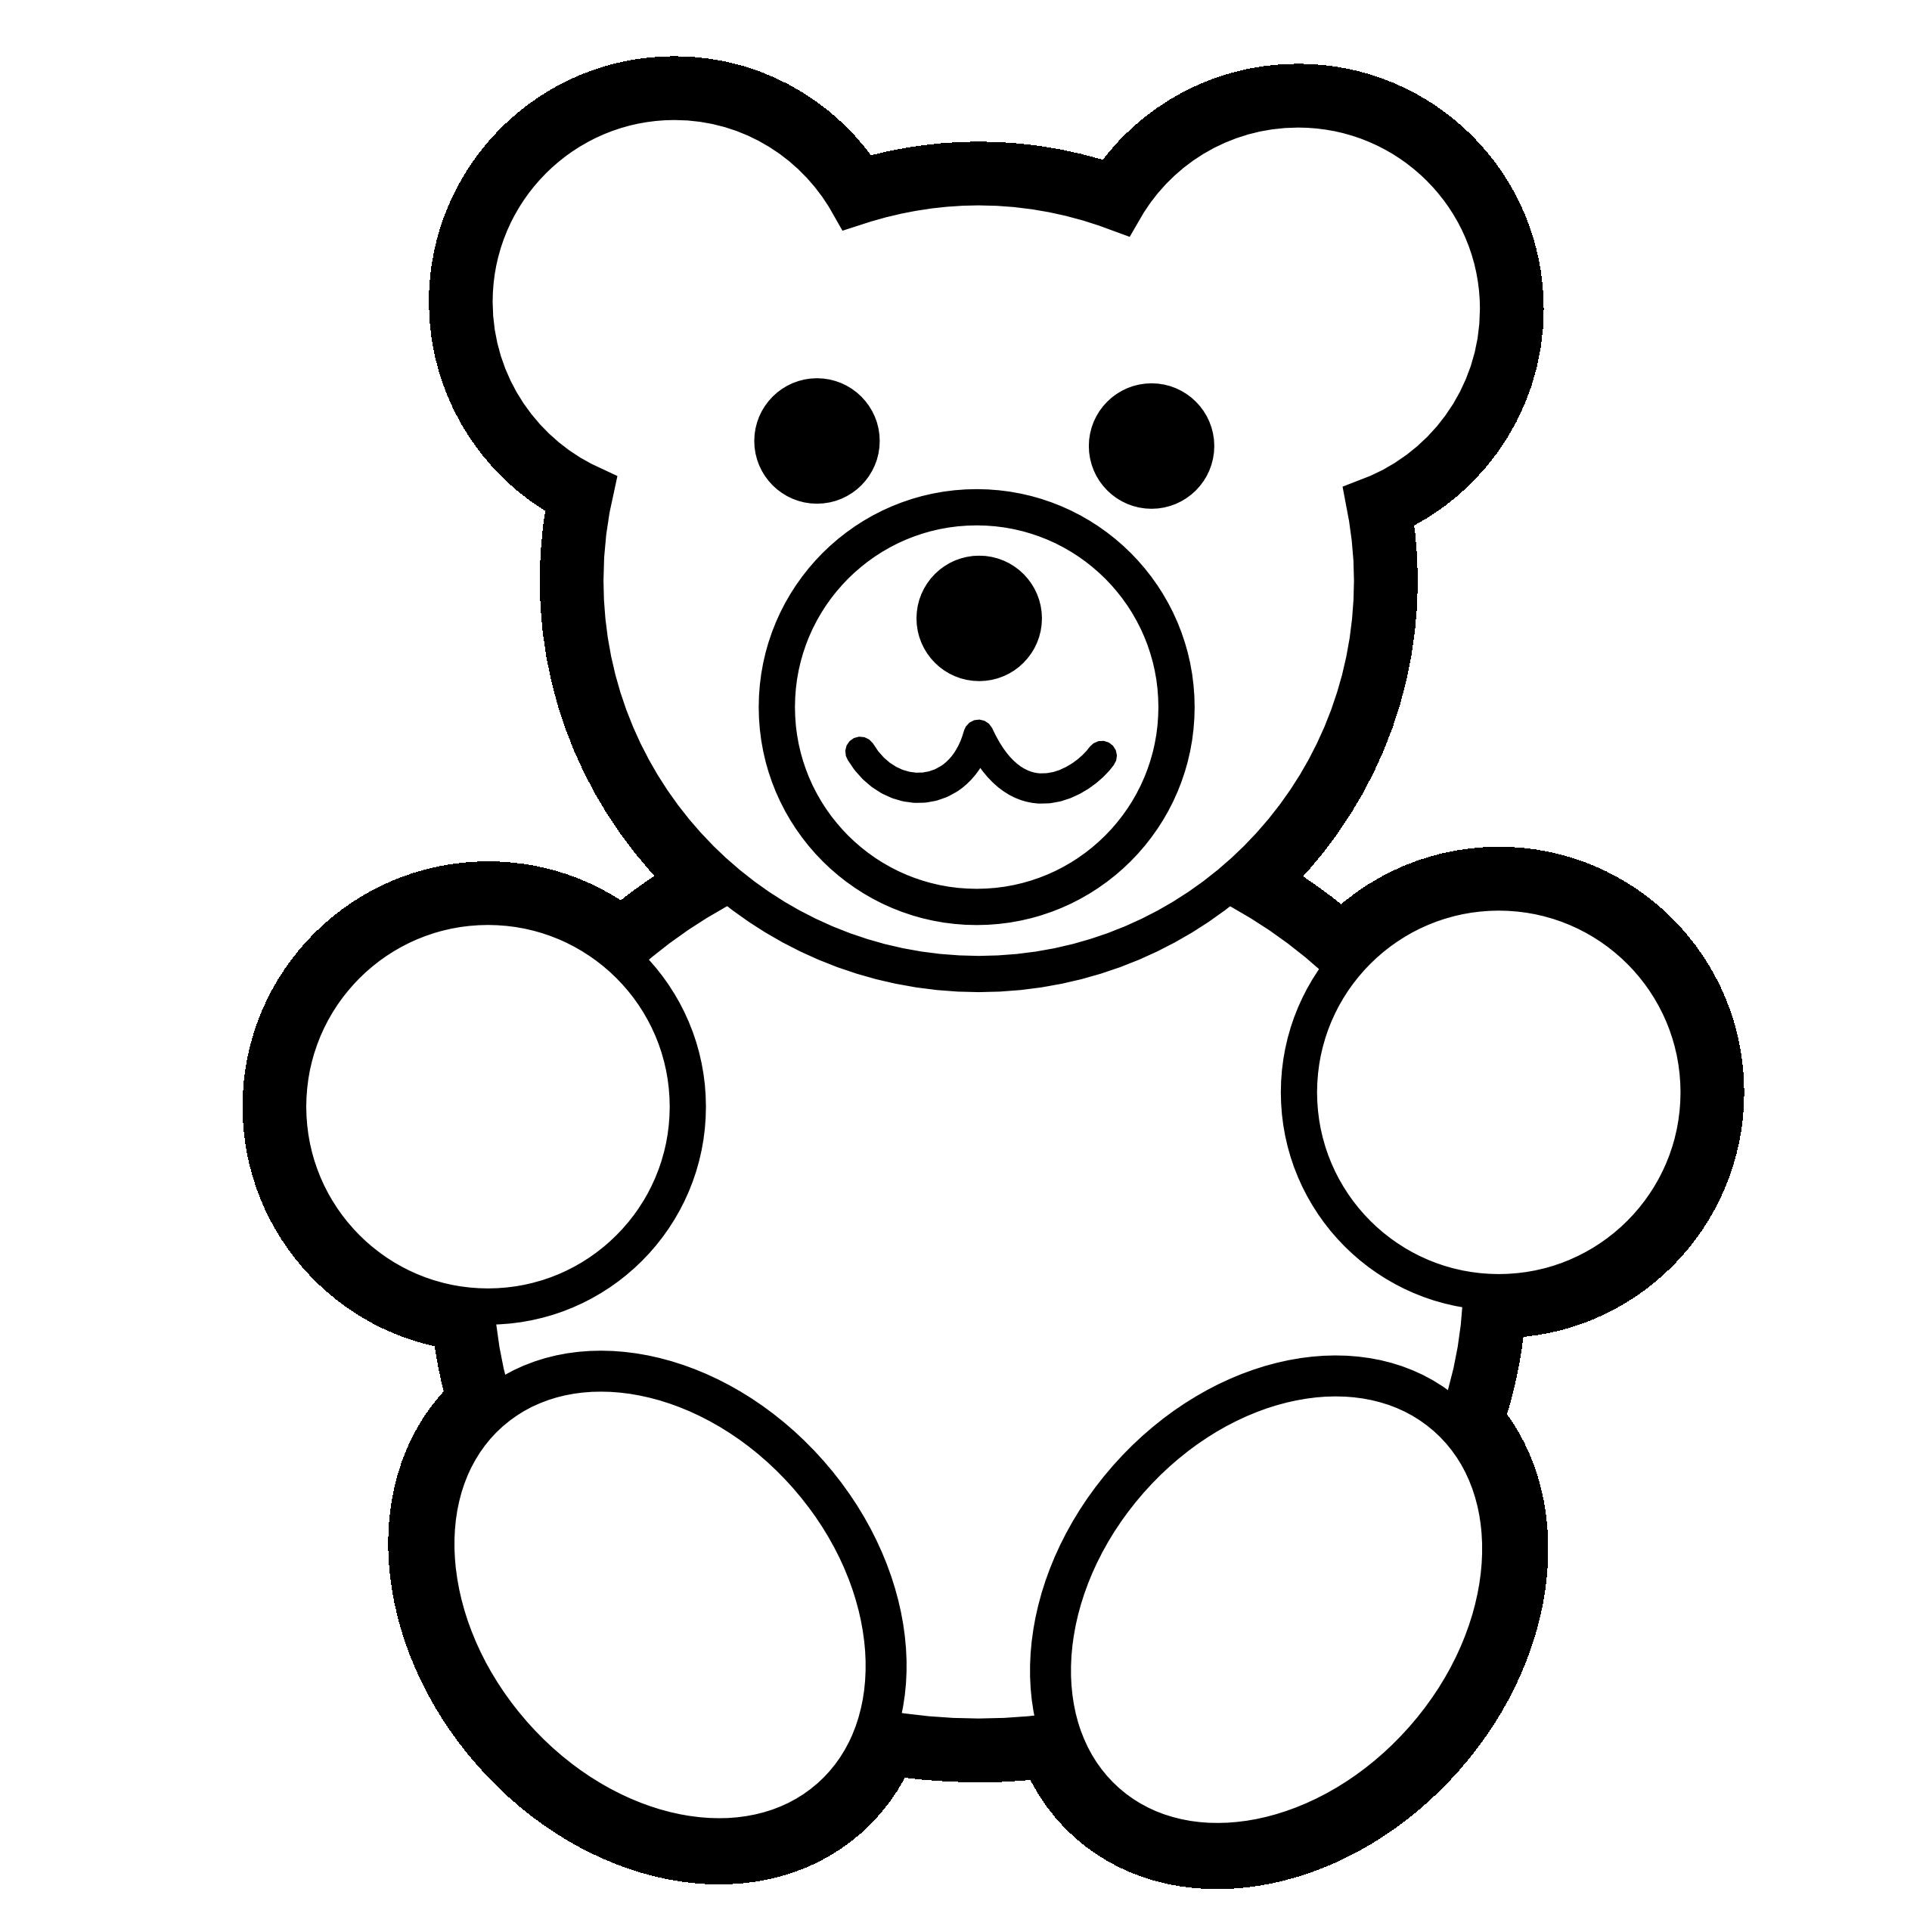 Teddy Bear Clipart Clipart Panda Free Cl-Teddy Bear Clipart Clipart Panda Free Clipart Images-10